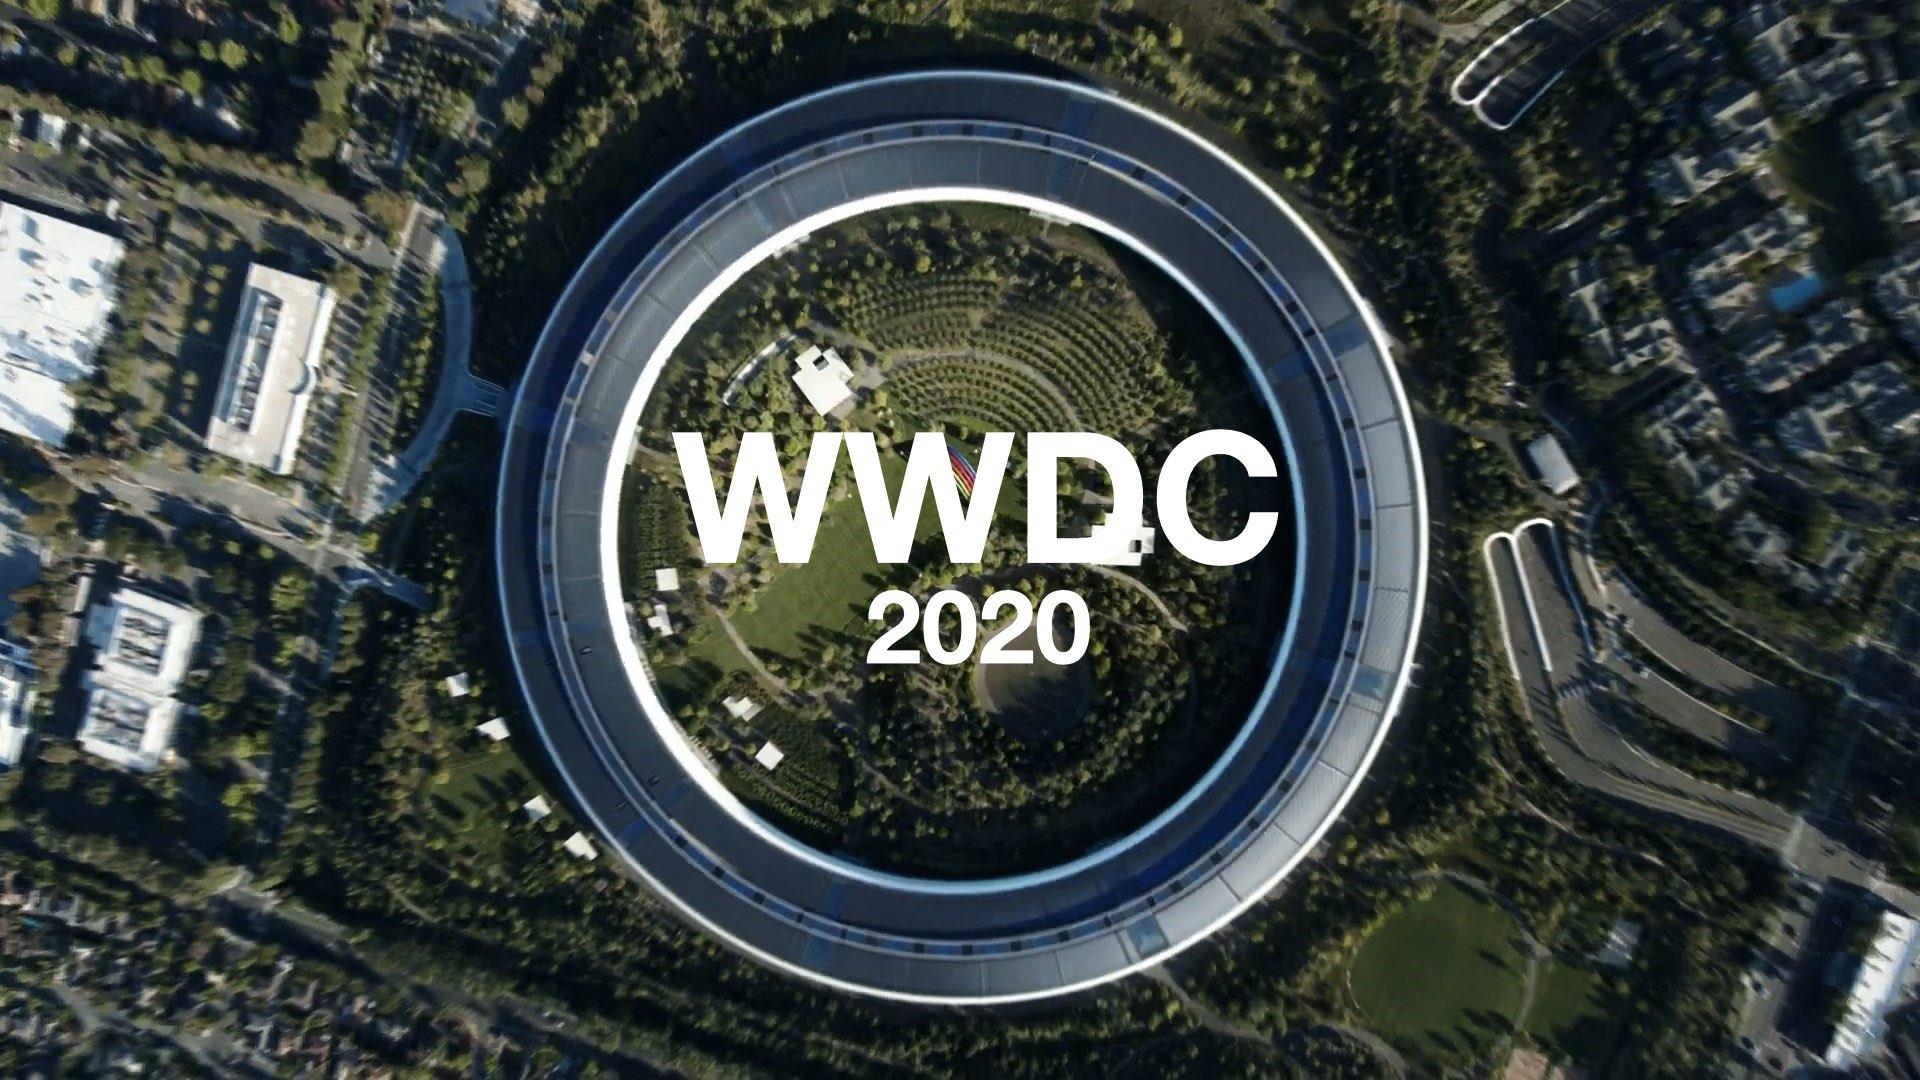 WWDC2020: Los 5 anuncios más importantes (rankeados)   Techcetera